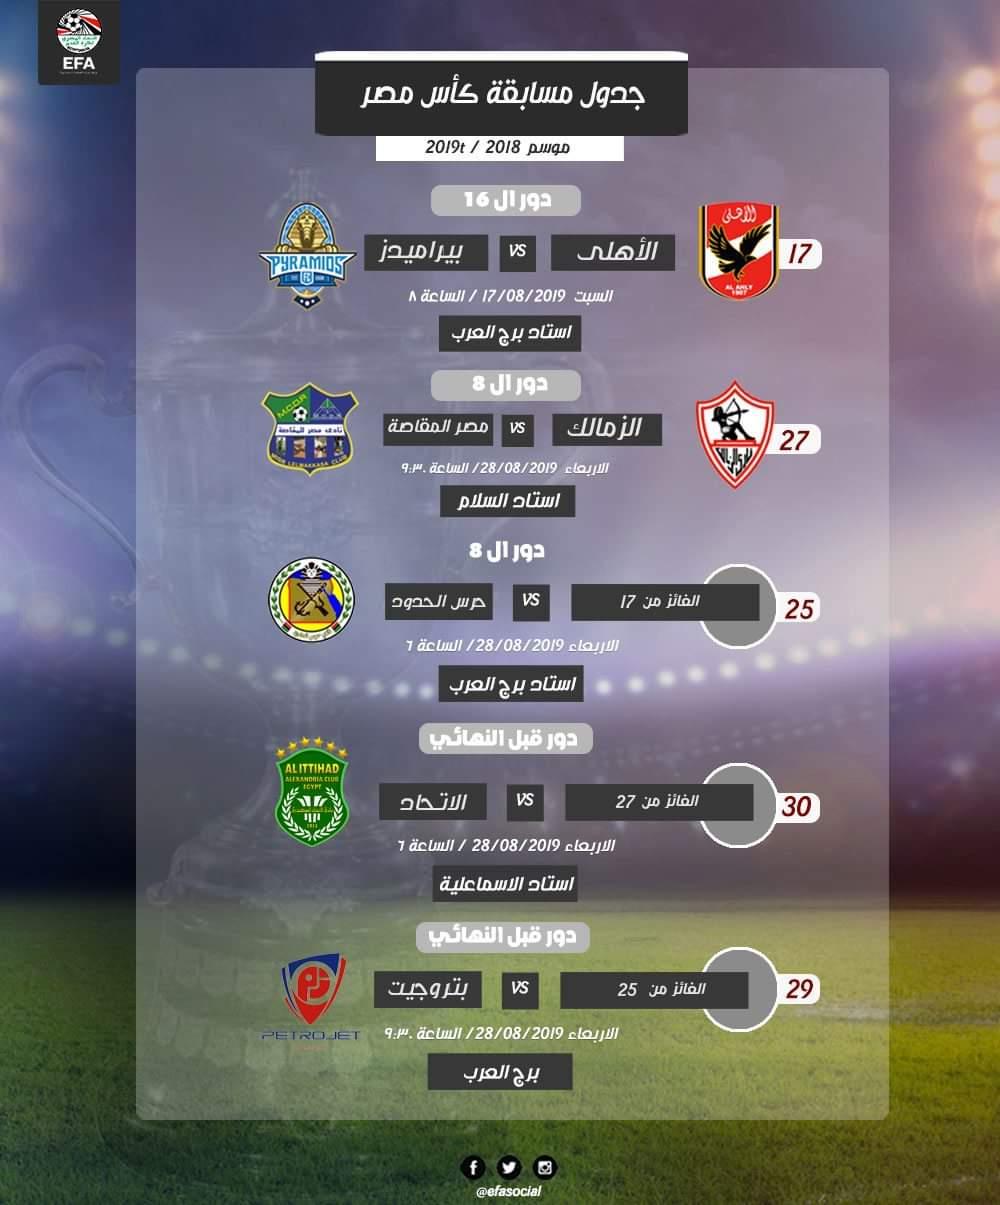 تعرف على مواعيد مباريات الأهلي والزمالك في كأس مصر وطنى